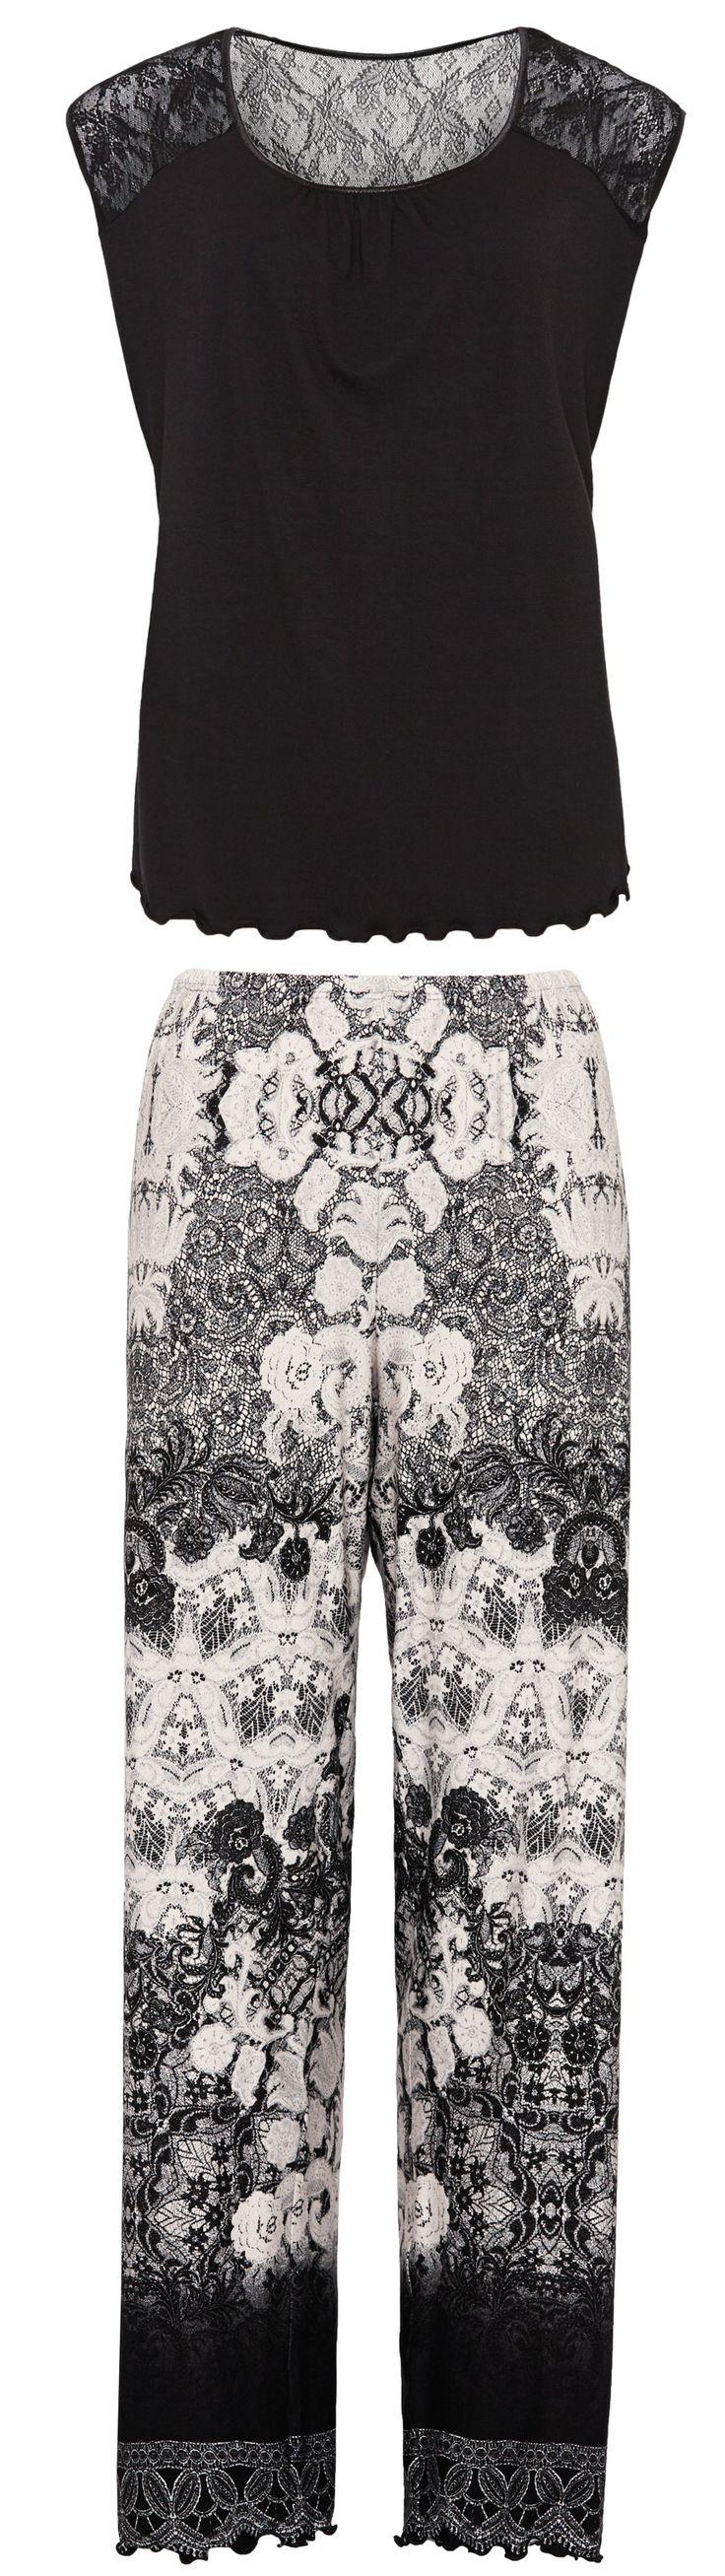 IRIS Jaro-Léto 2015 | Noční prádlo | Pyžamo | Nightwear | Pyjamas | www.naturana-plavky-pradlo.cz